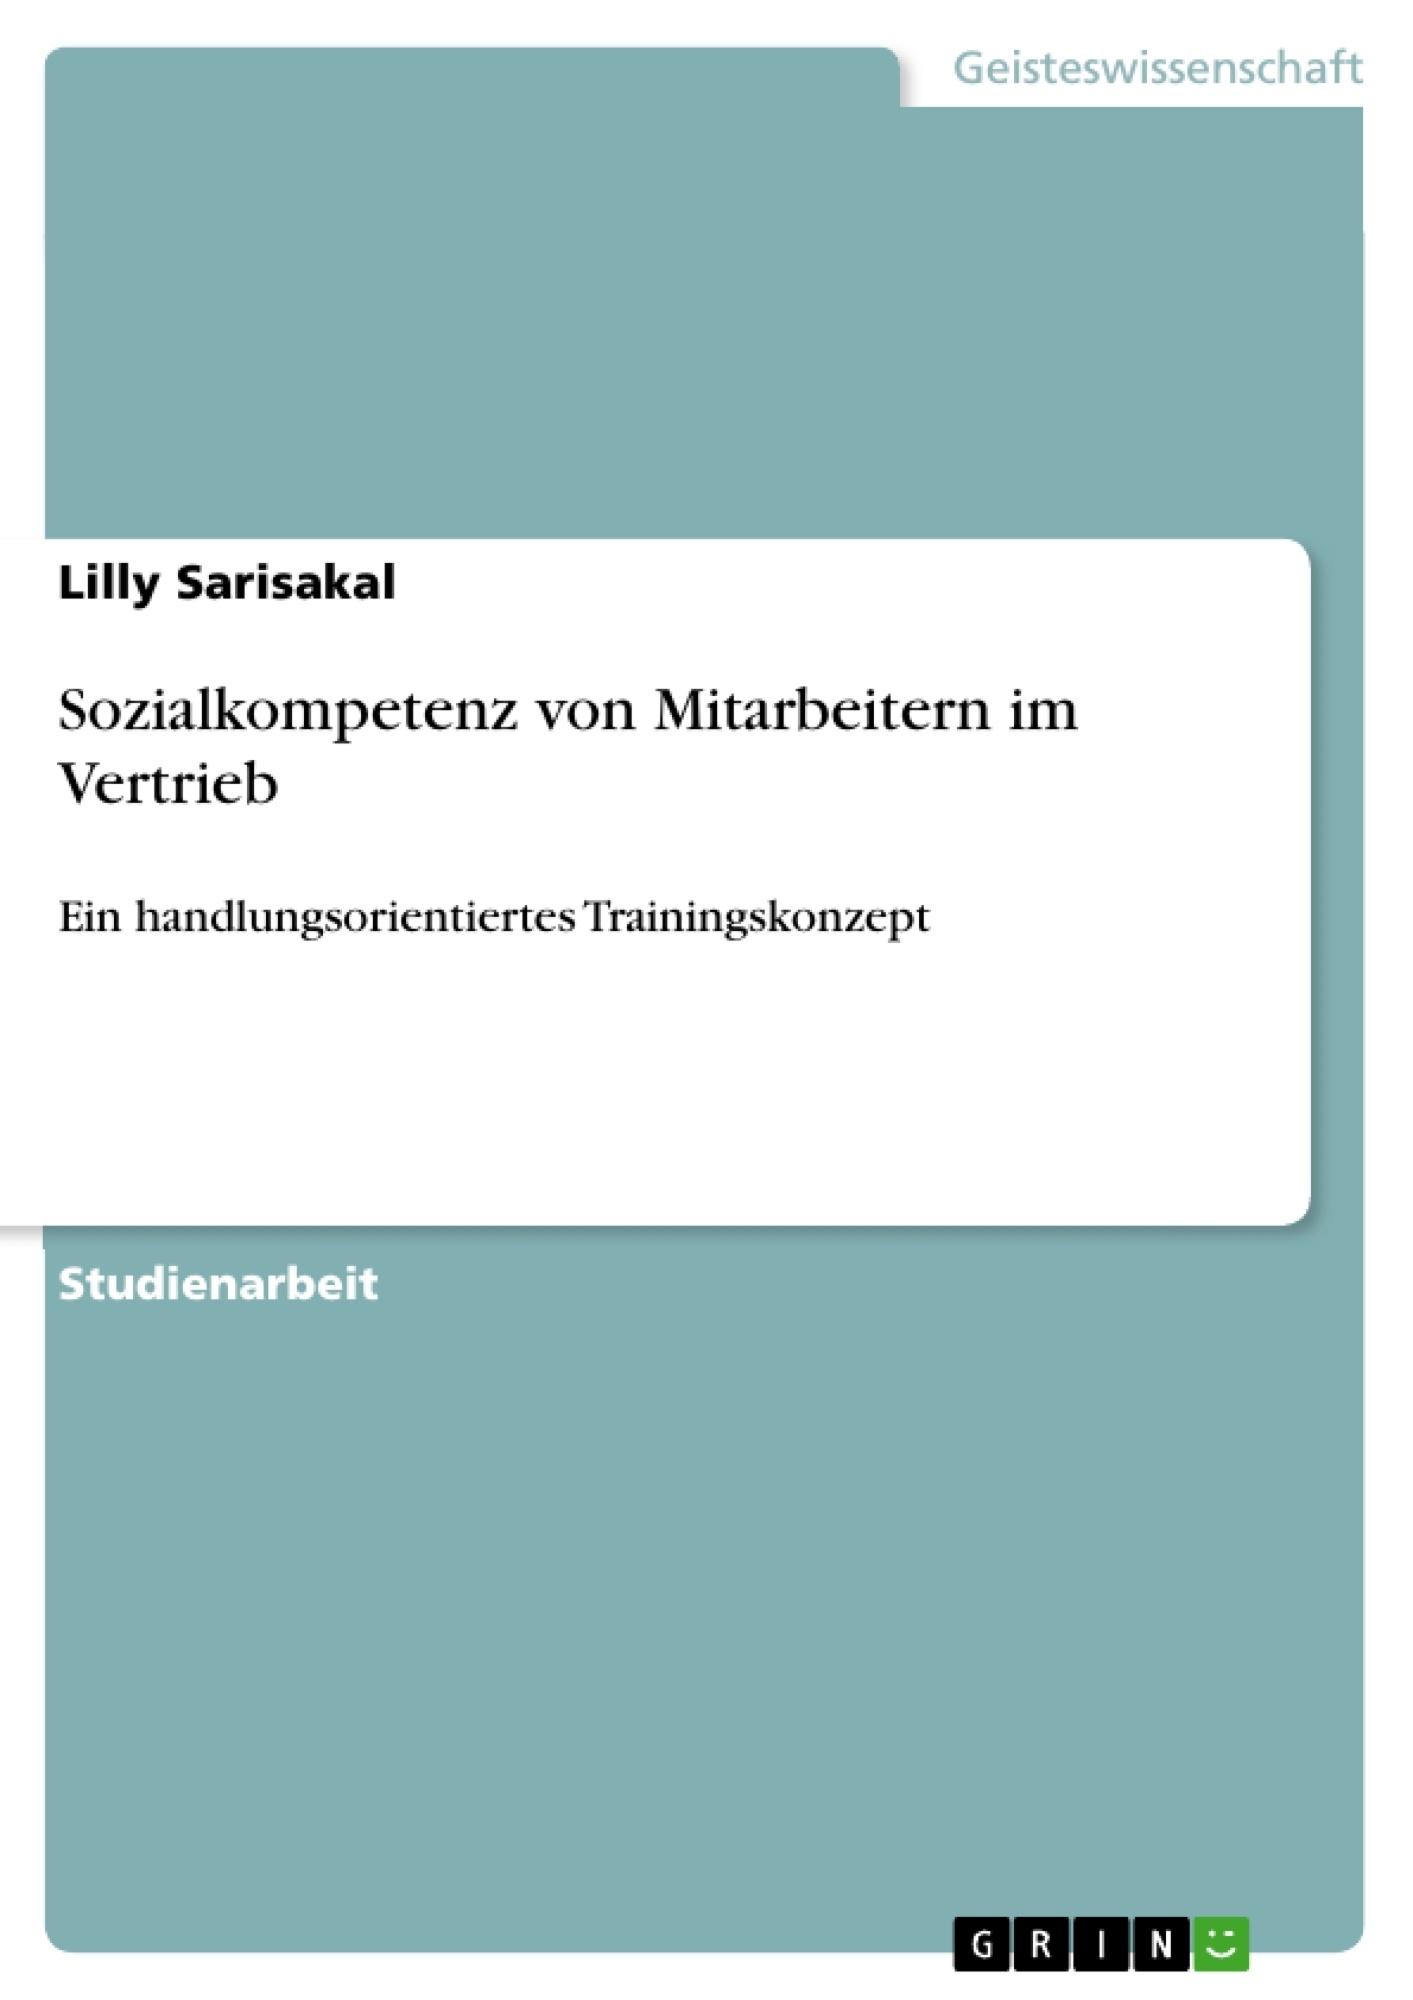 Titel: Sozialkompetenz von Mitarbeitern im Vertrieb